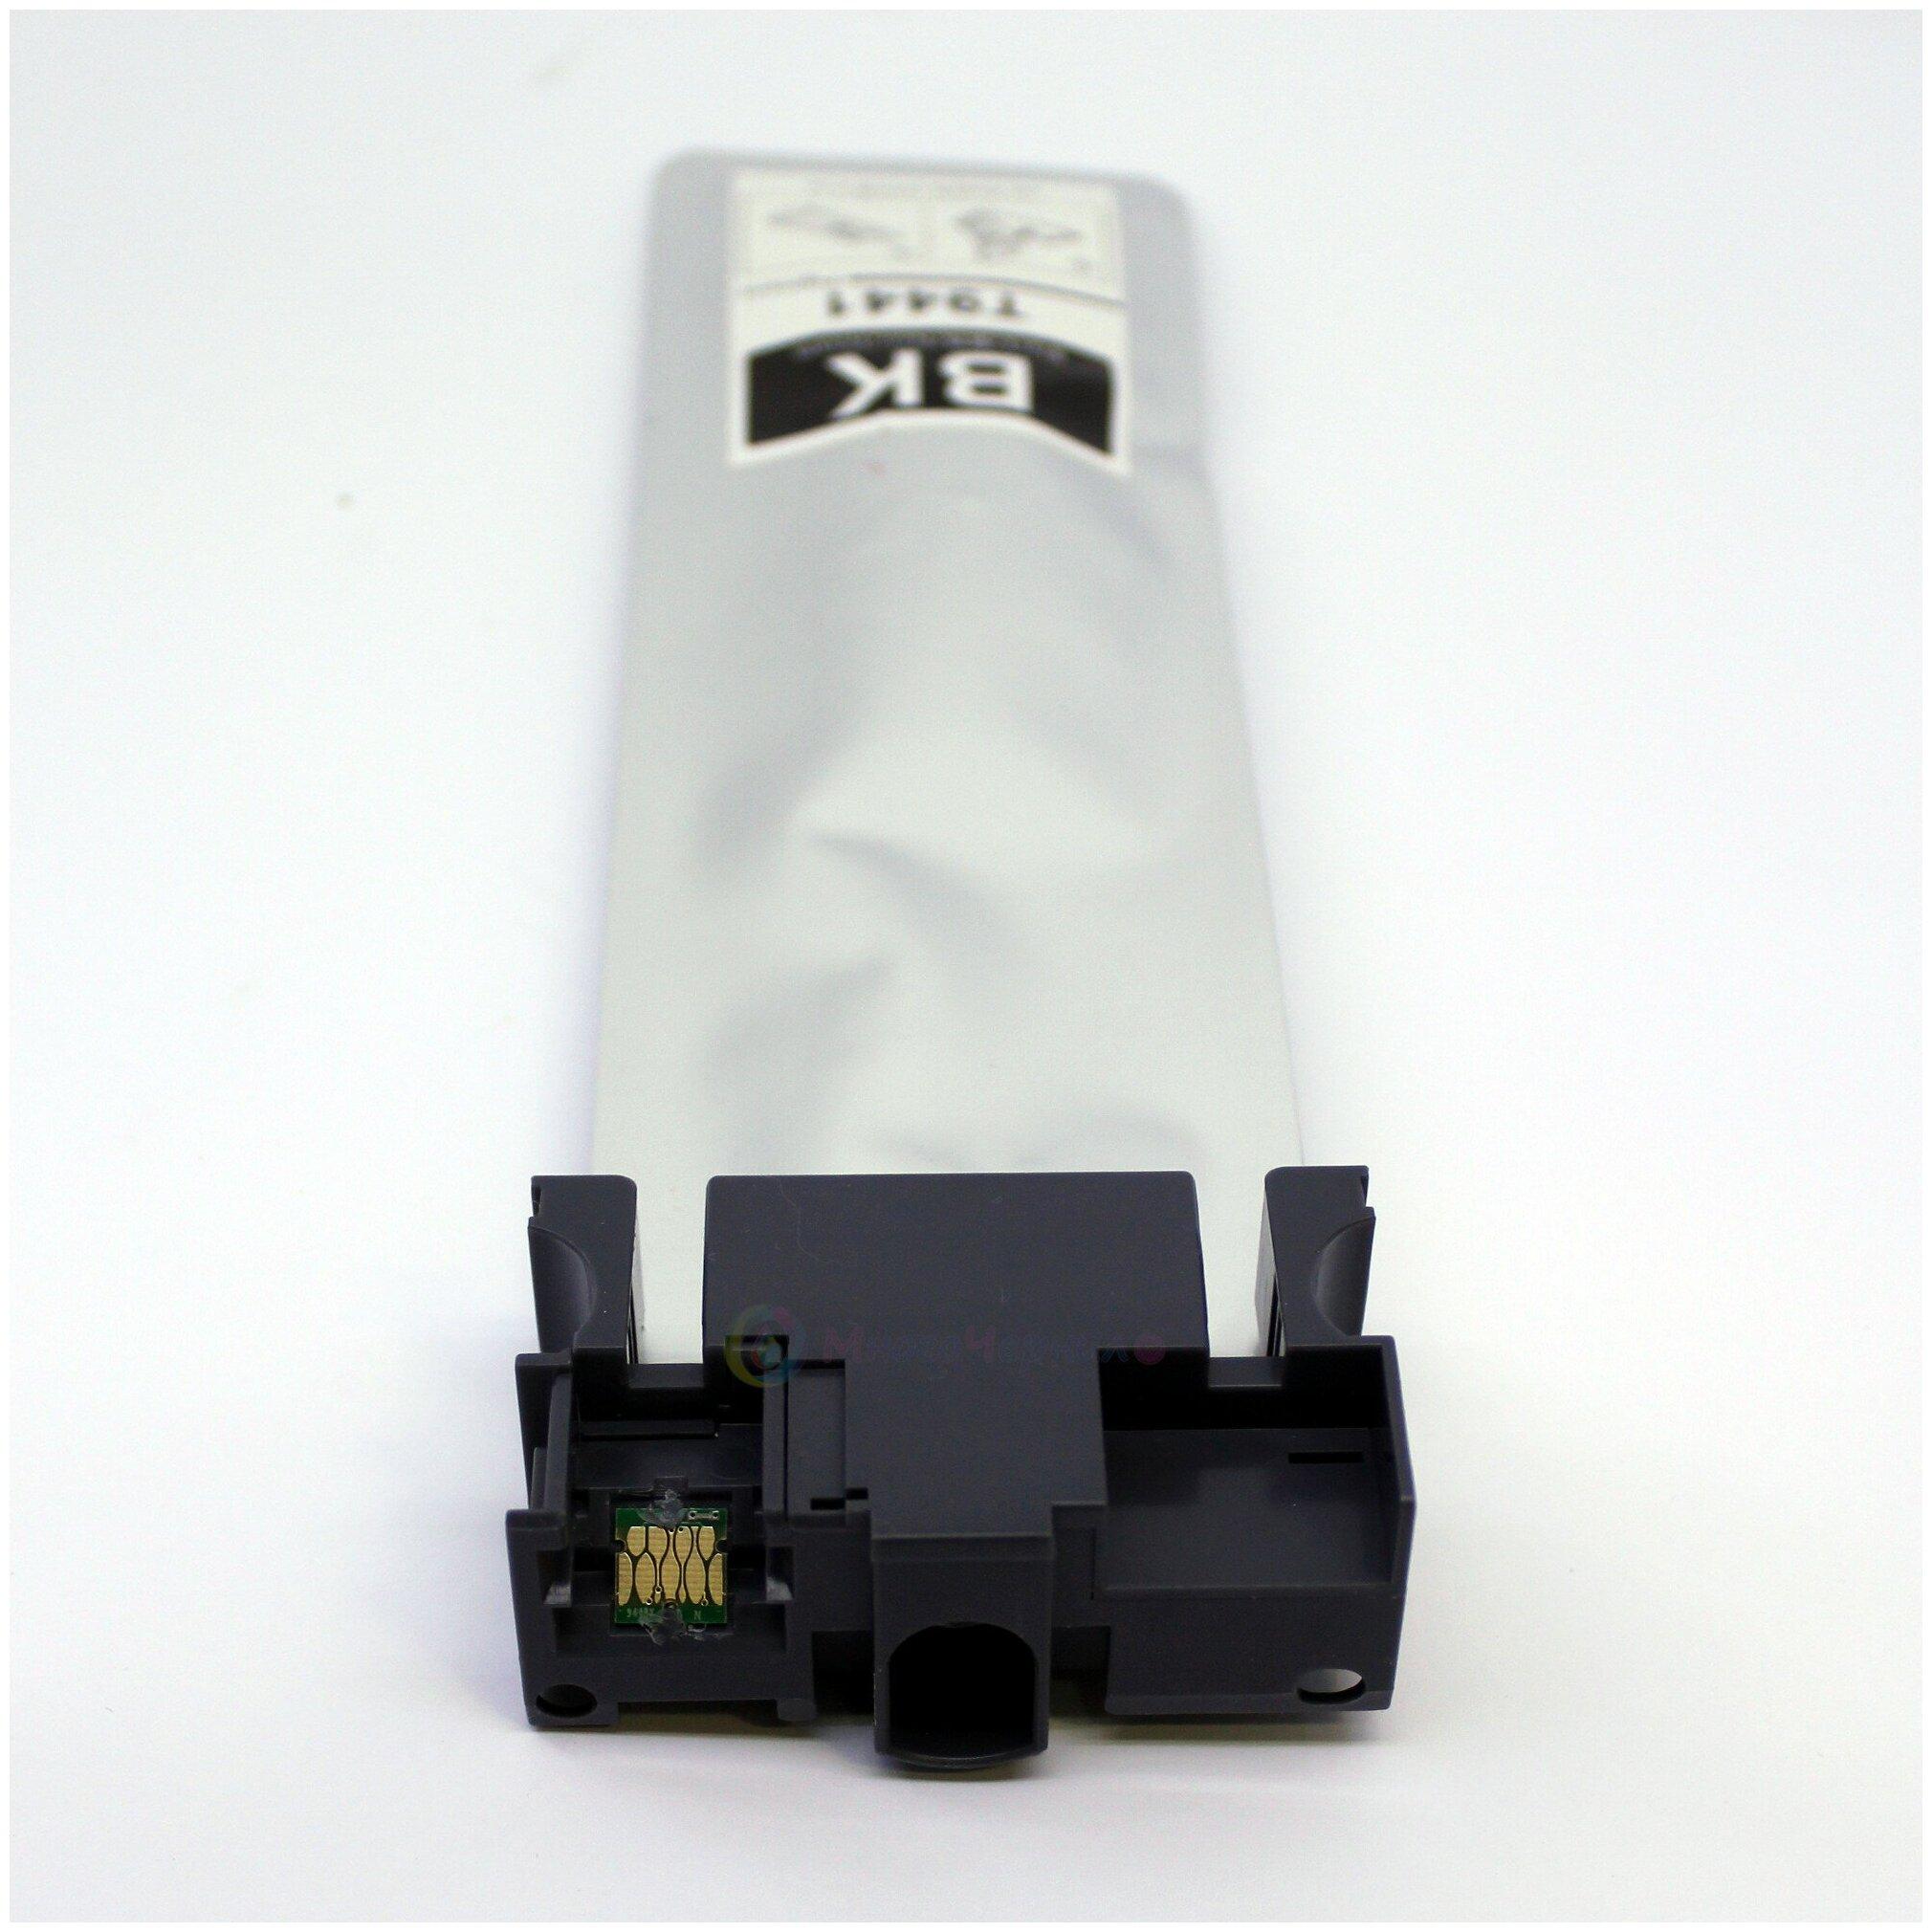 Контейнер с чернилами для Epson WorkForce Pro WF-C5290DW, WF-C5790DWF (совм. T9441 картридж Ink Supply Unit, чернильный пакет с чипом), совместимый / неоригинальный, чёрный Black, im.E-9441 — купить по выгодной цене на Яндекс.Маркете